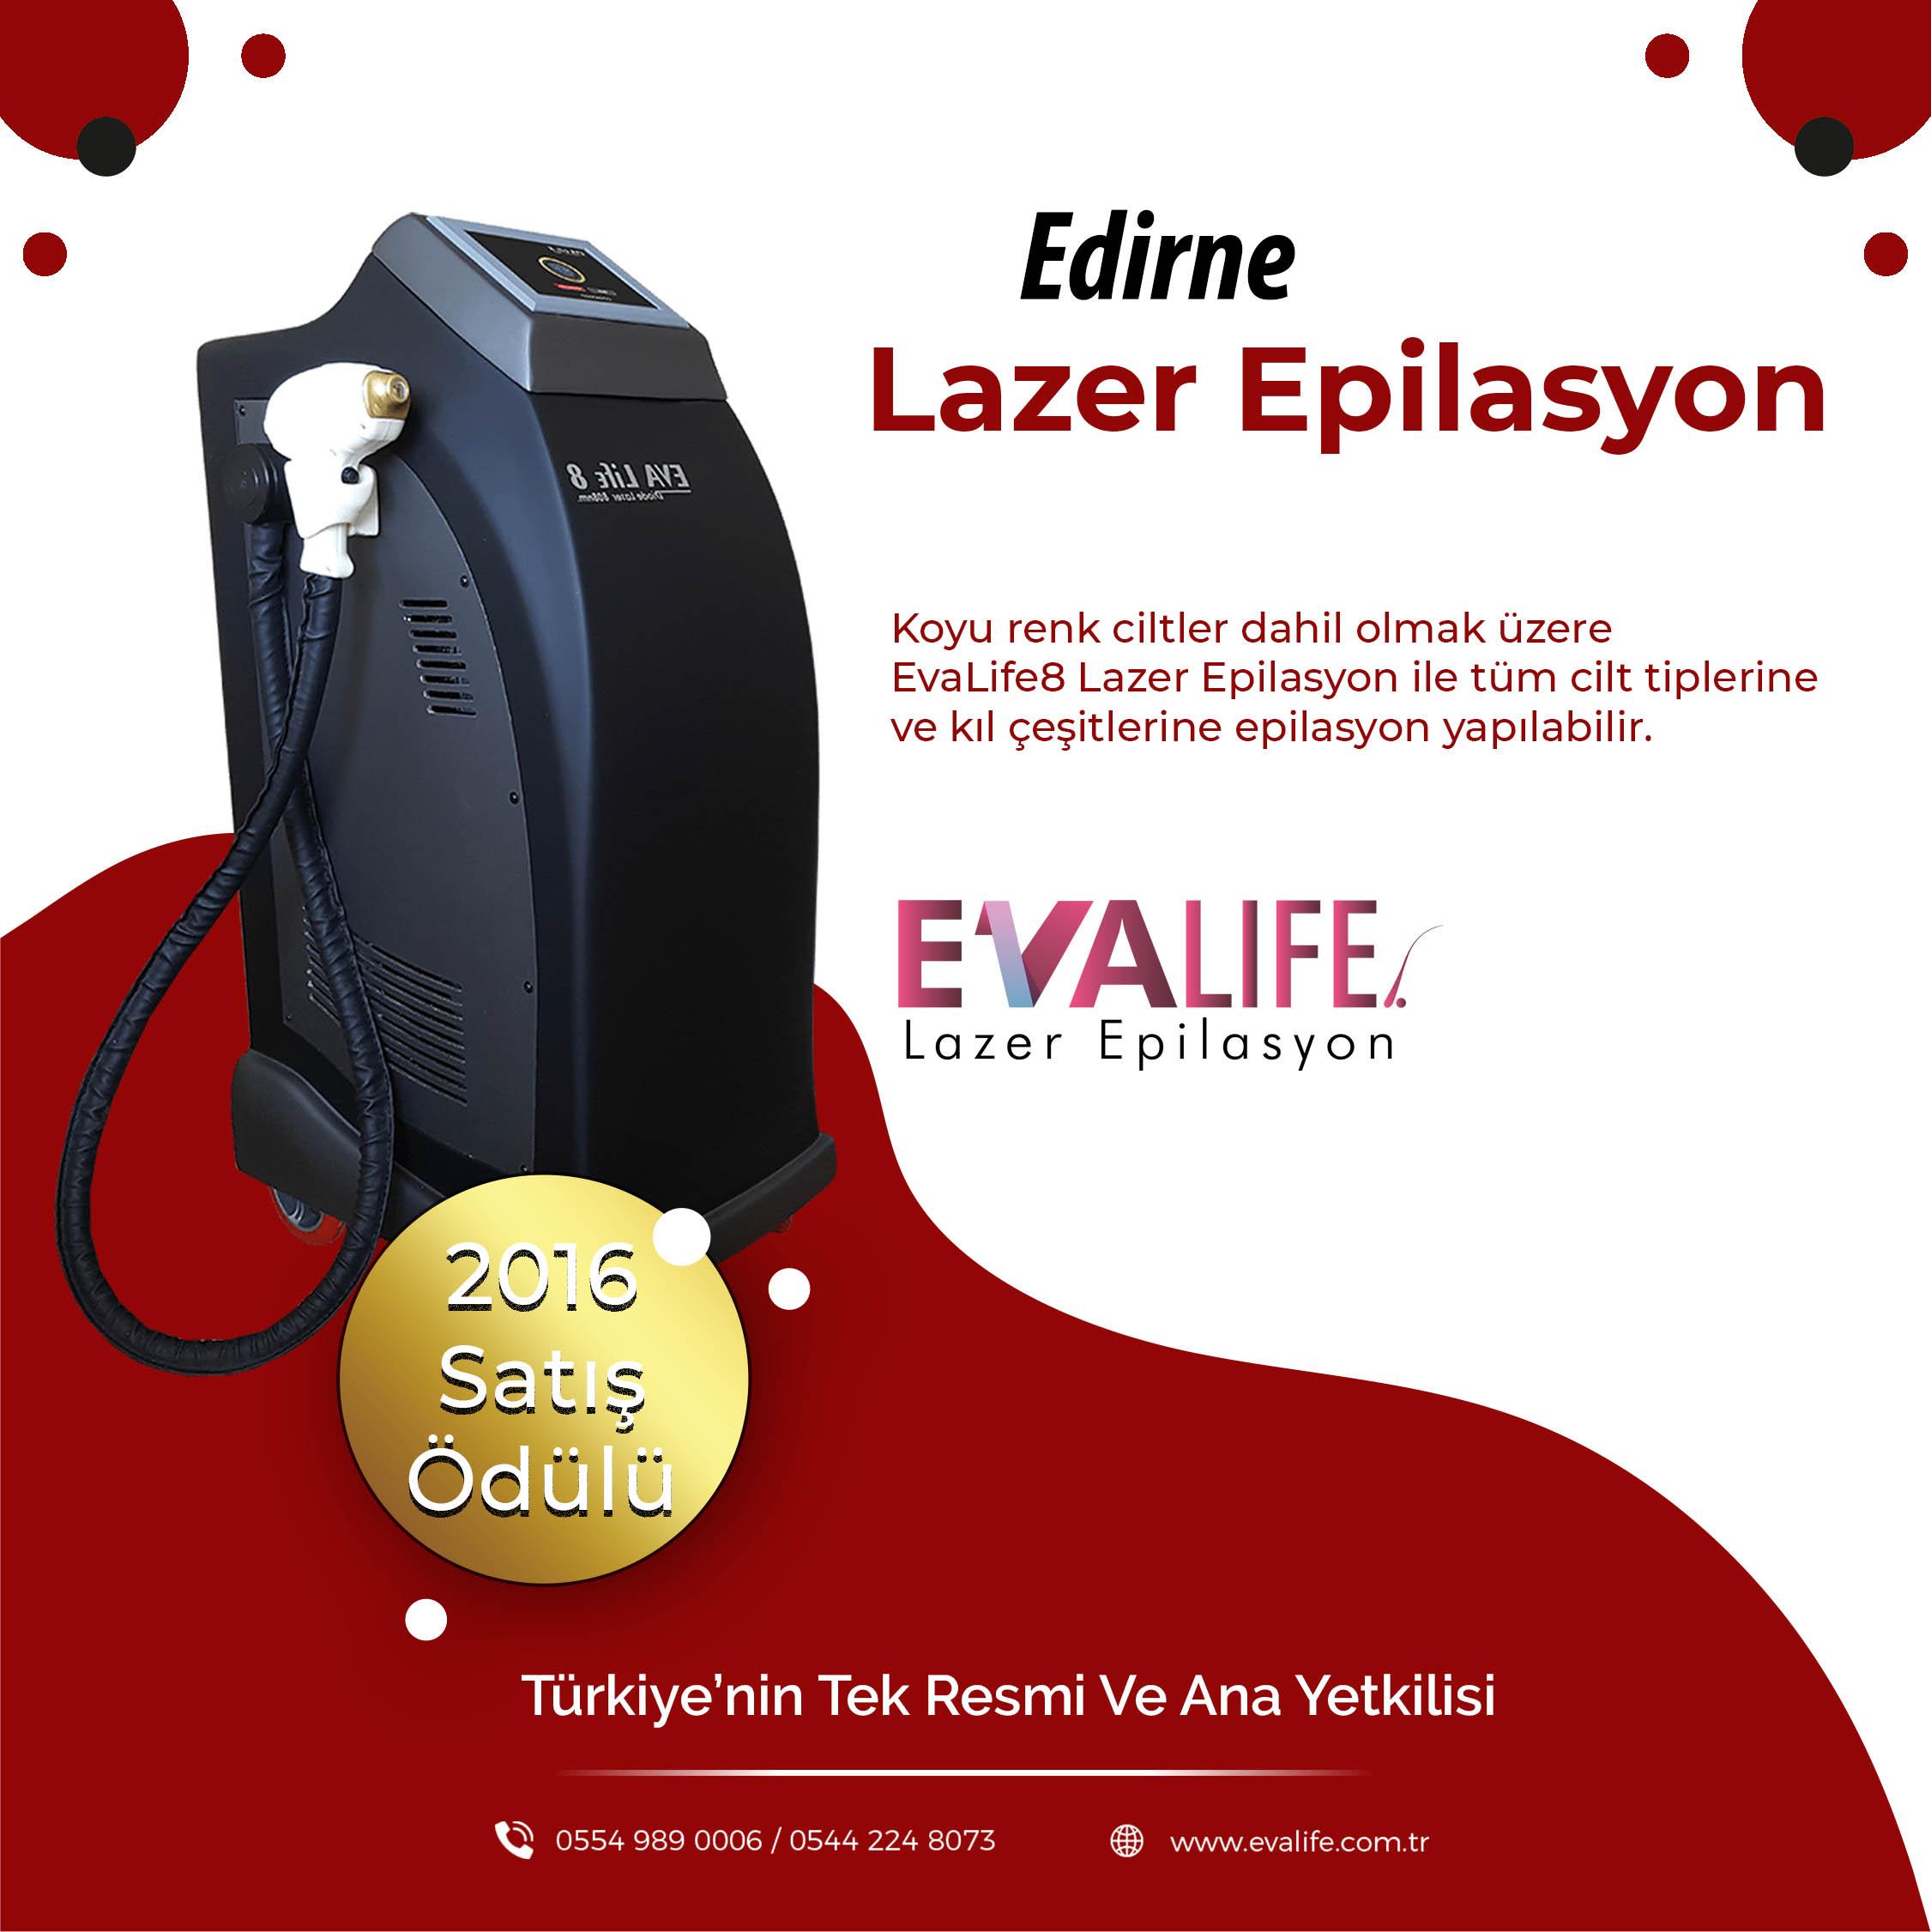 Edirne Lazer Epilasyon